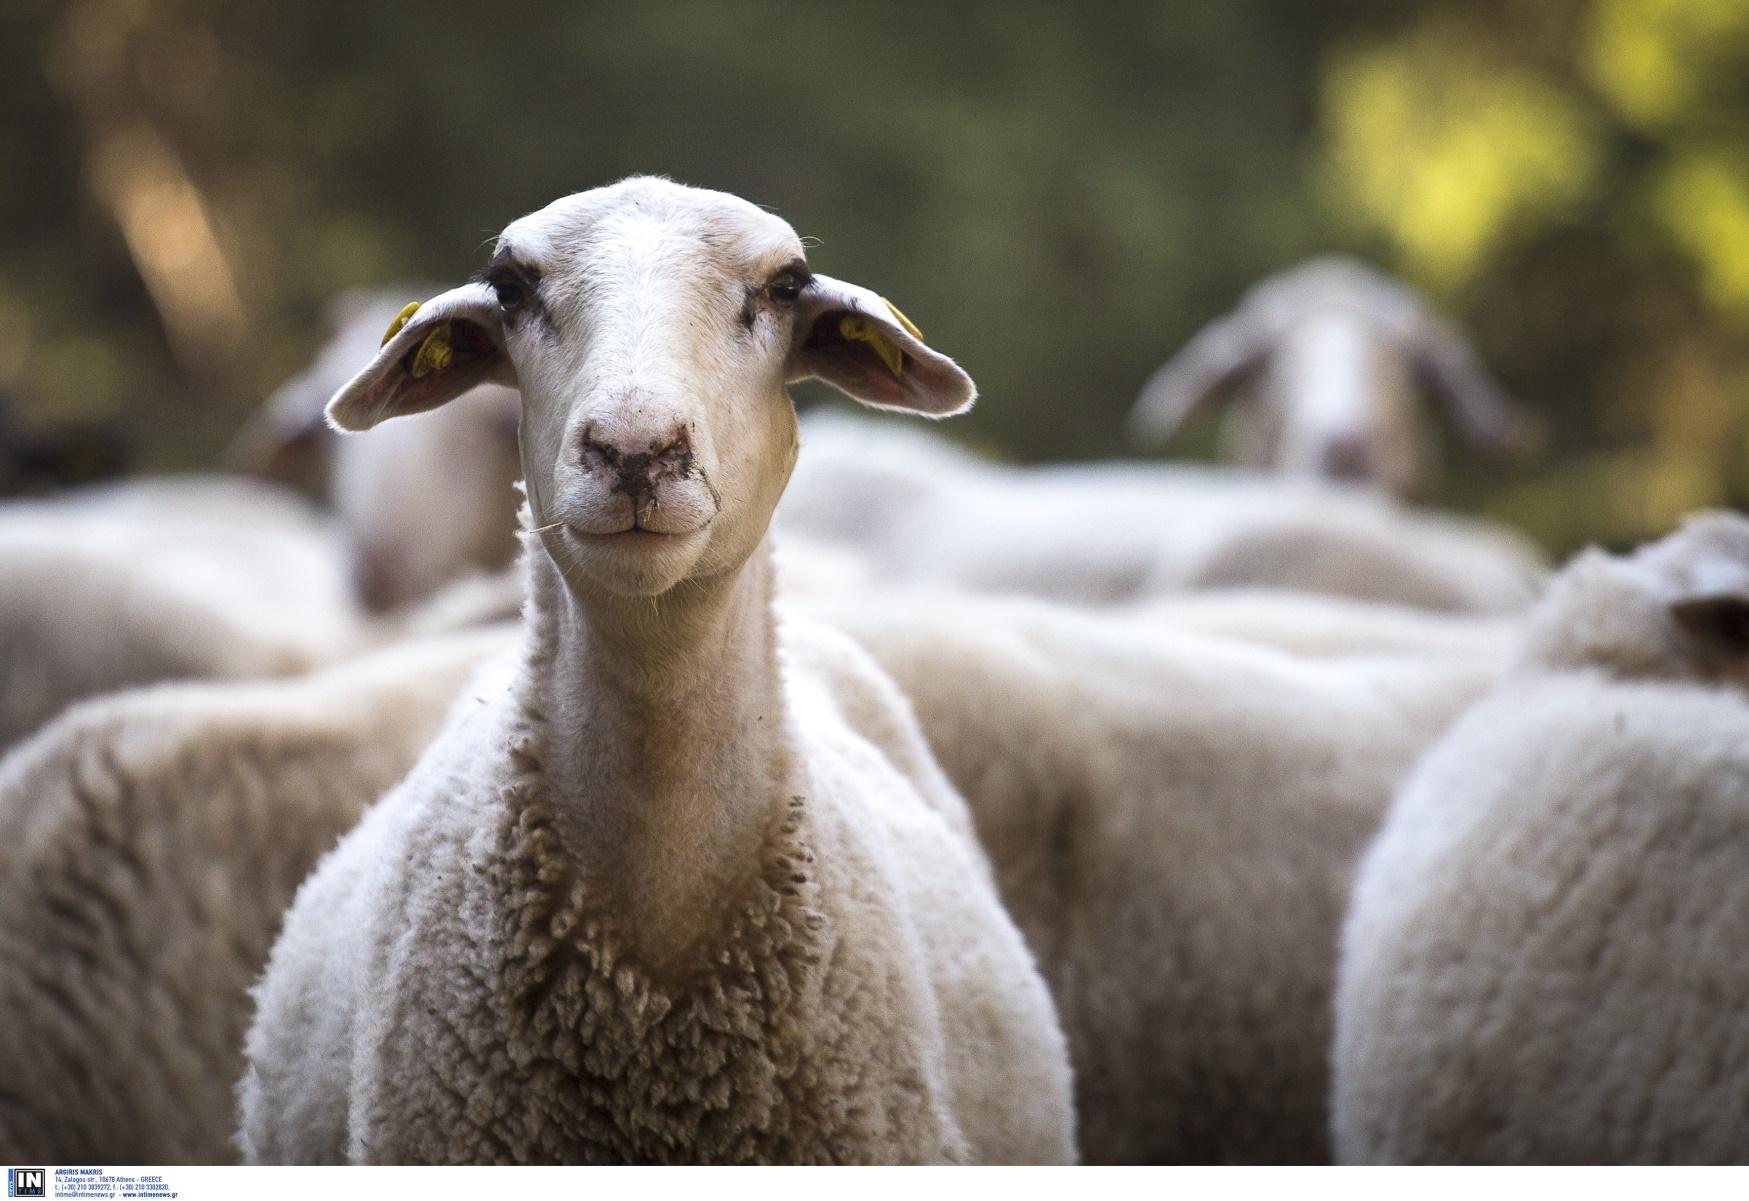 Κρήτη: Μαλλιοτραβήγματα, μαγκουριές και συλλήψεις για ένα πρόβατο